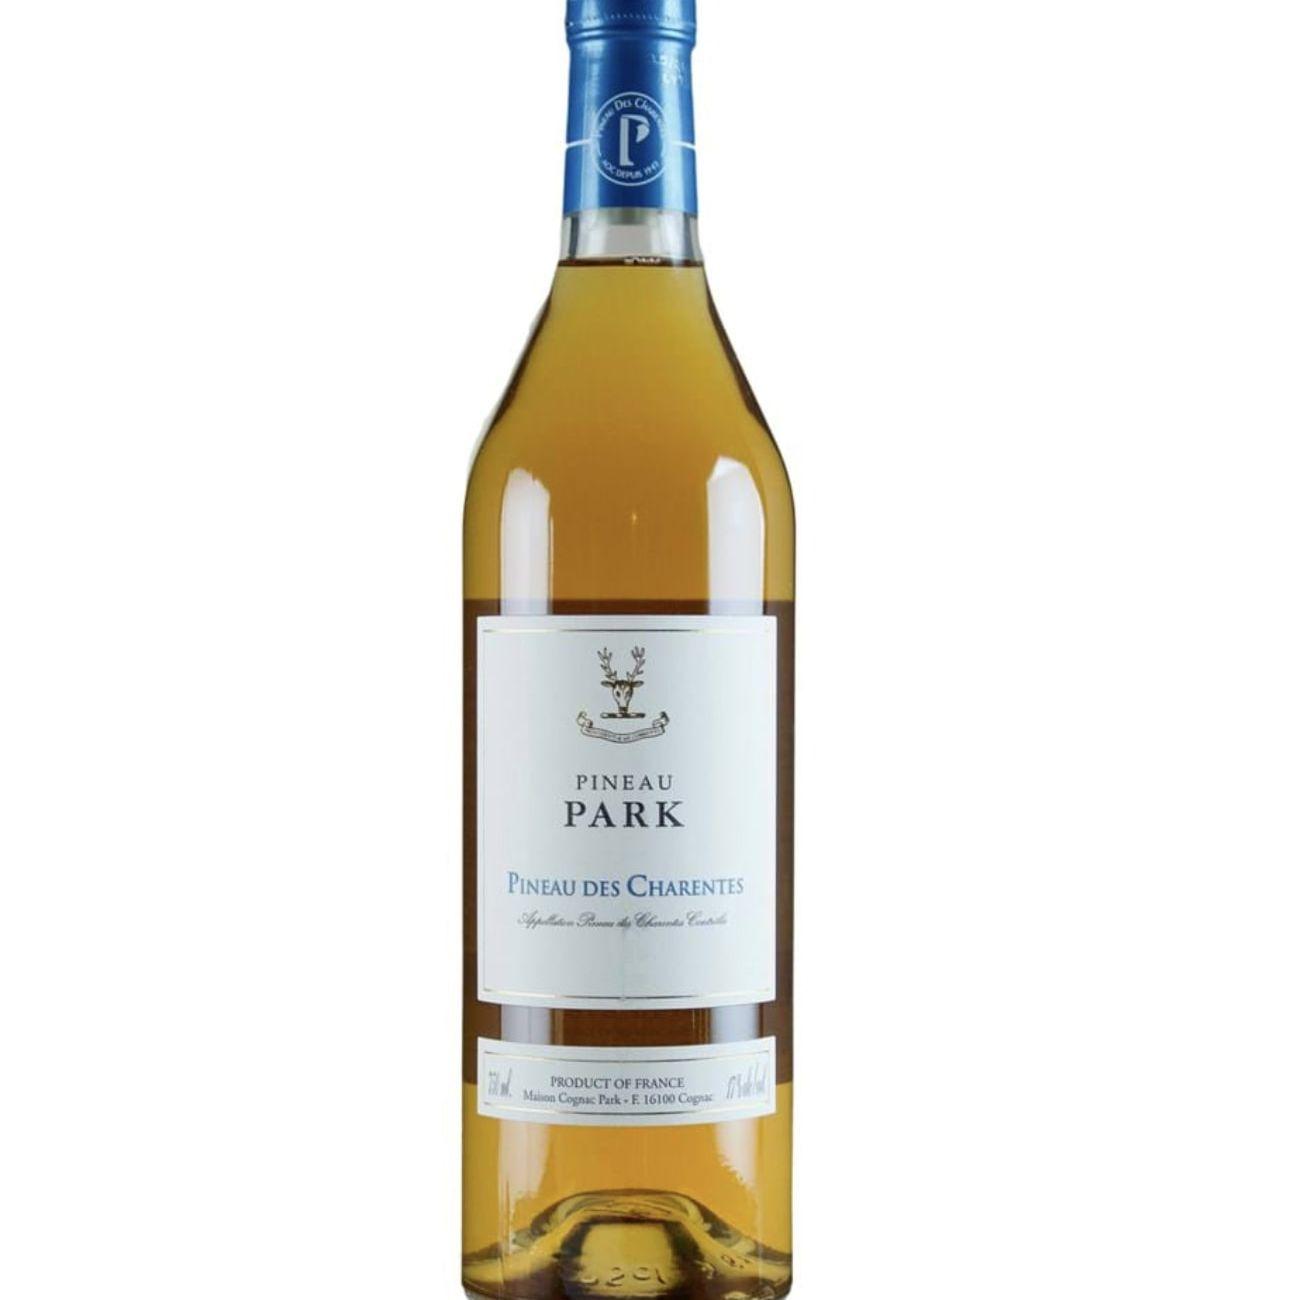 Park Pineau des Charentes